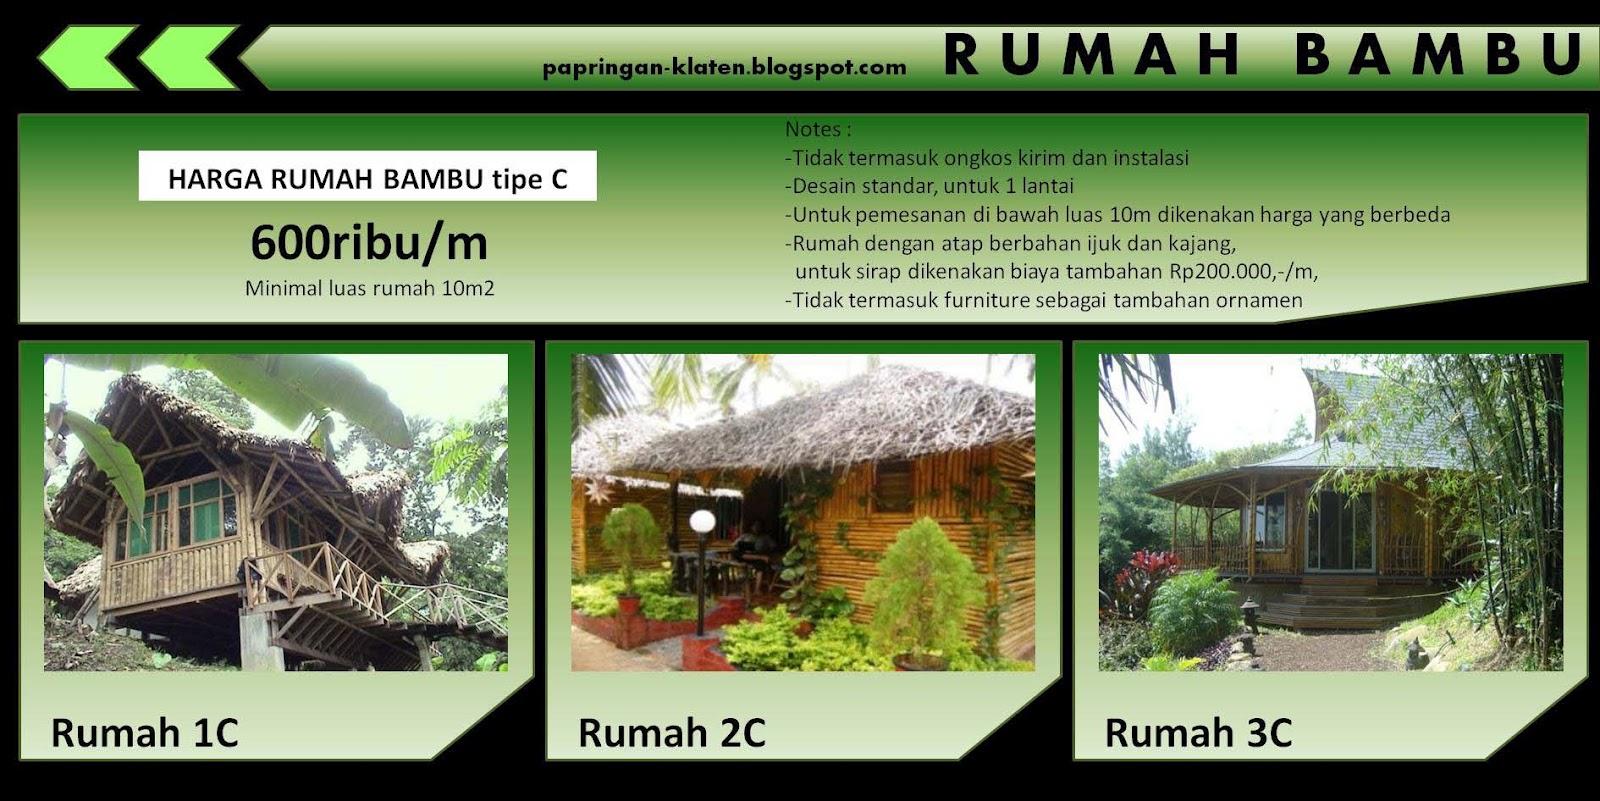 Download Download rumah+bambu+5.JPG